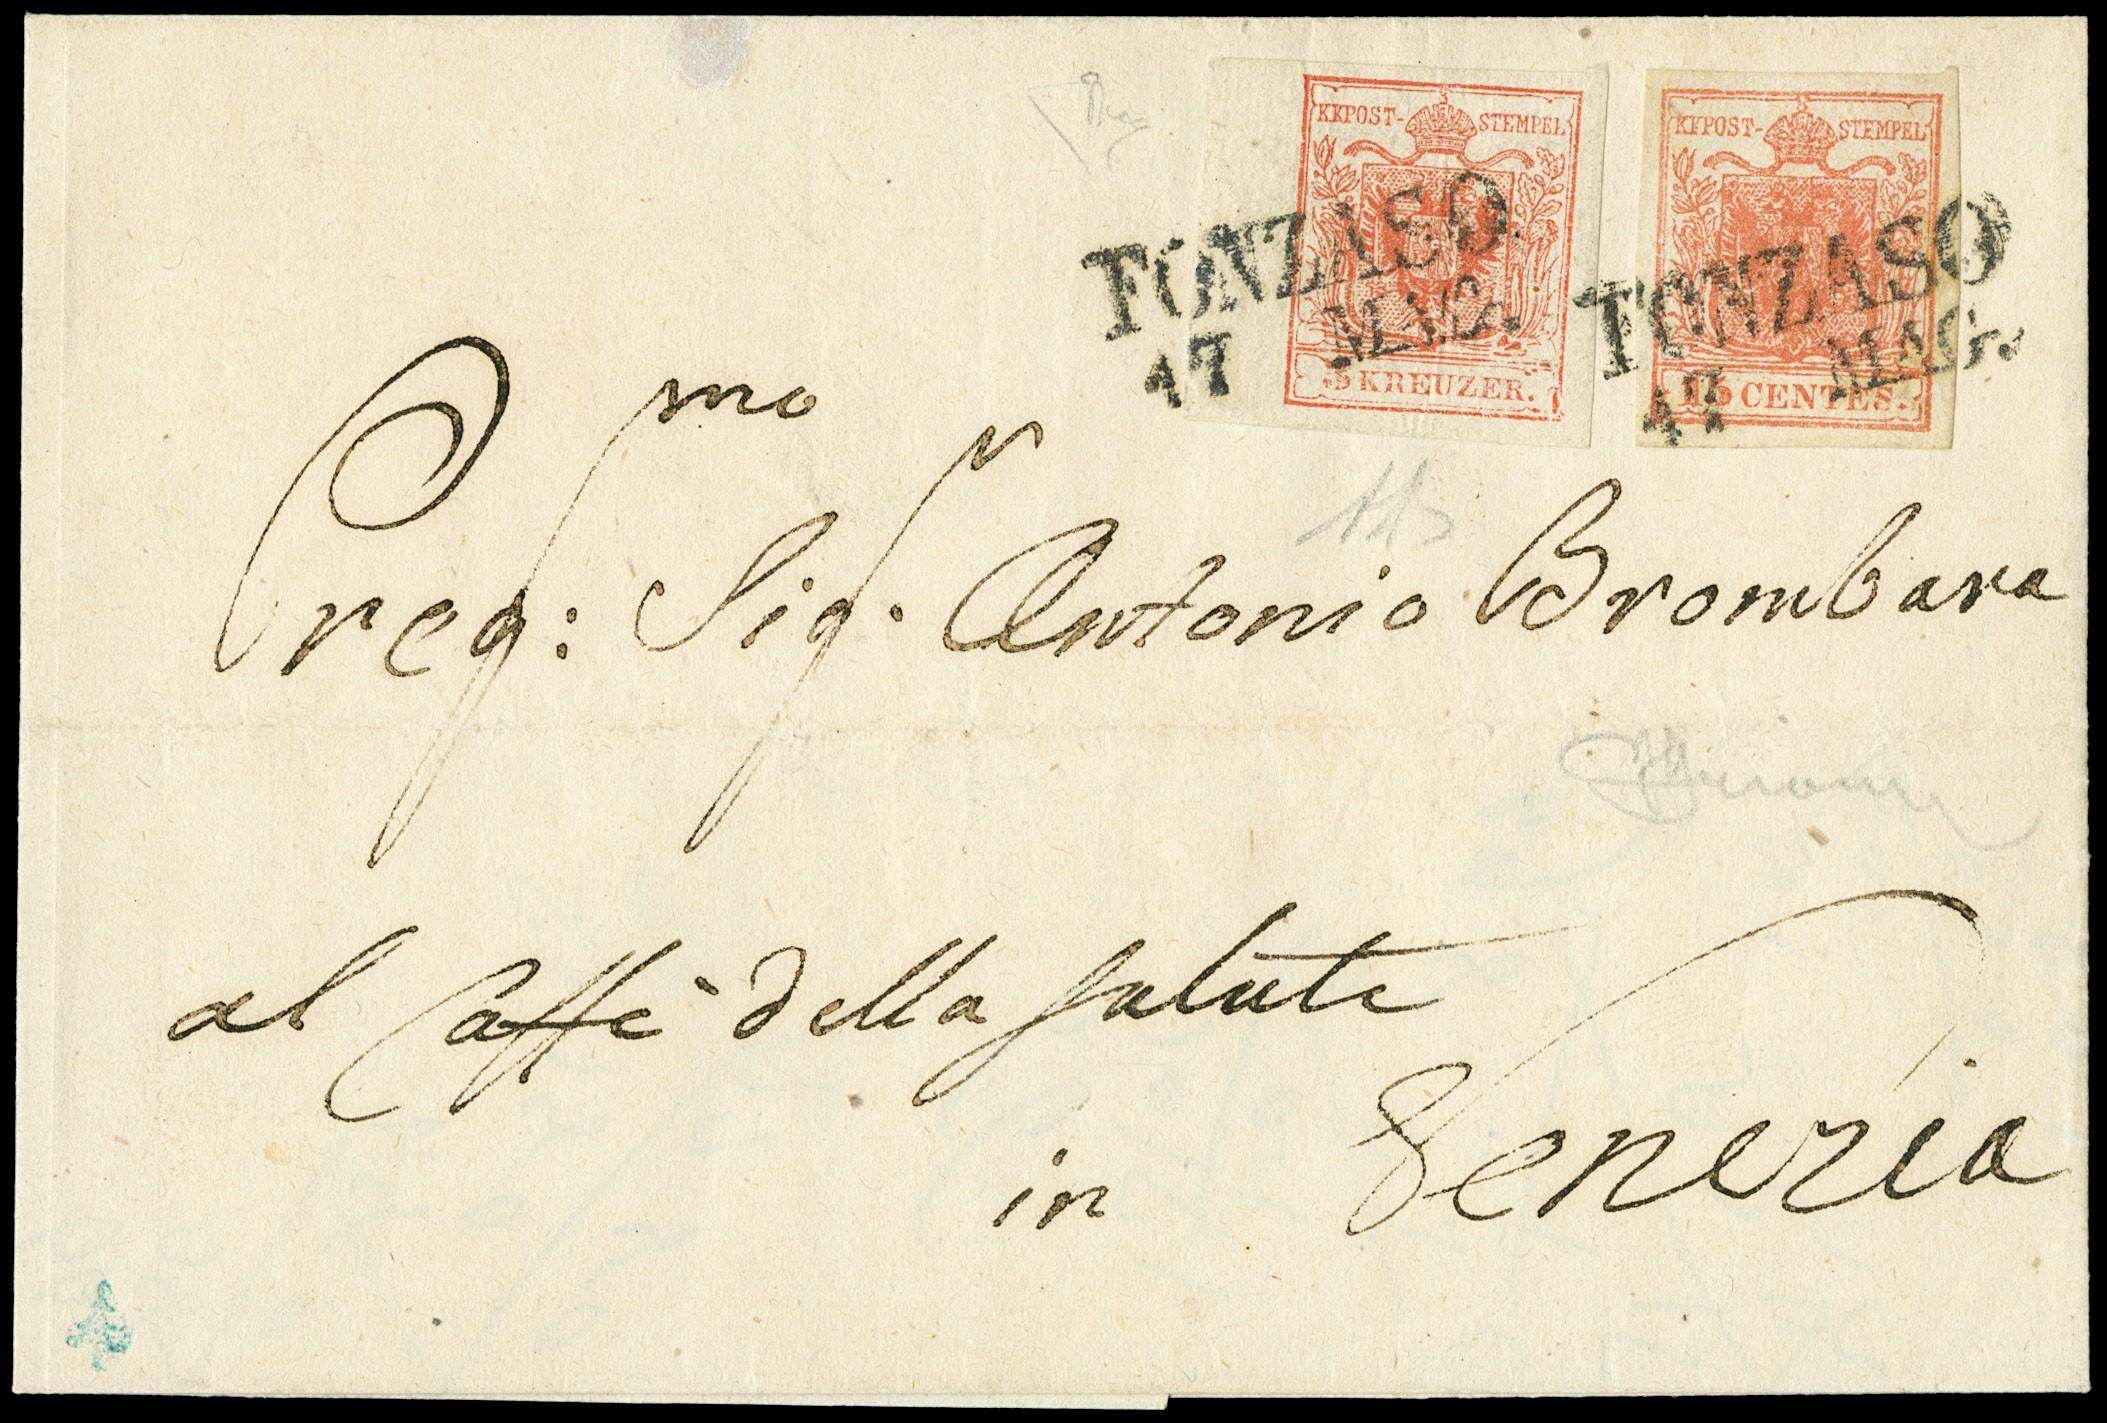 Lot 15 - lombardo veneto posta ordinaria -  Zanaria Aste s.r.l. 9th Philatelic Auction